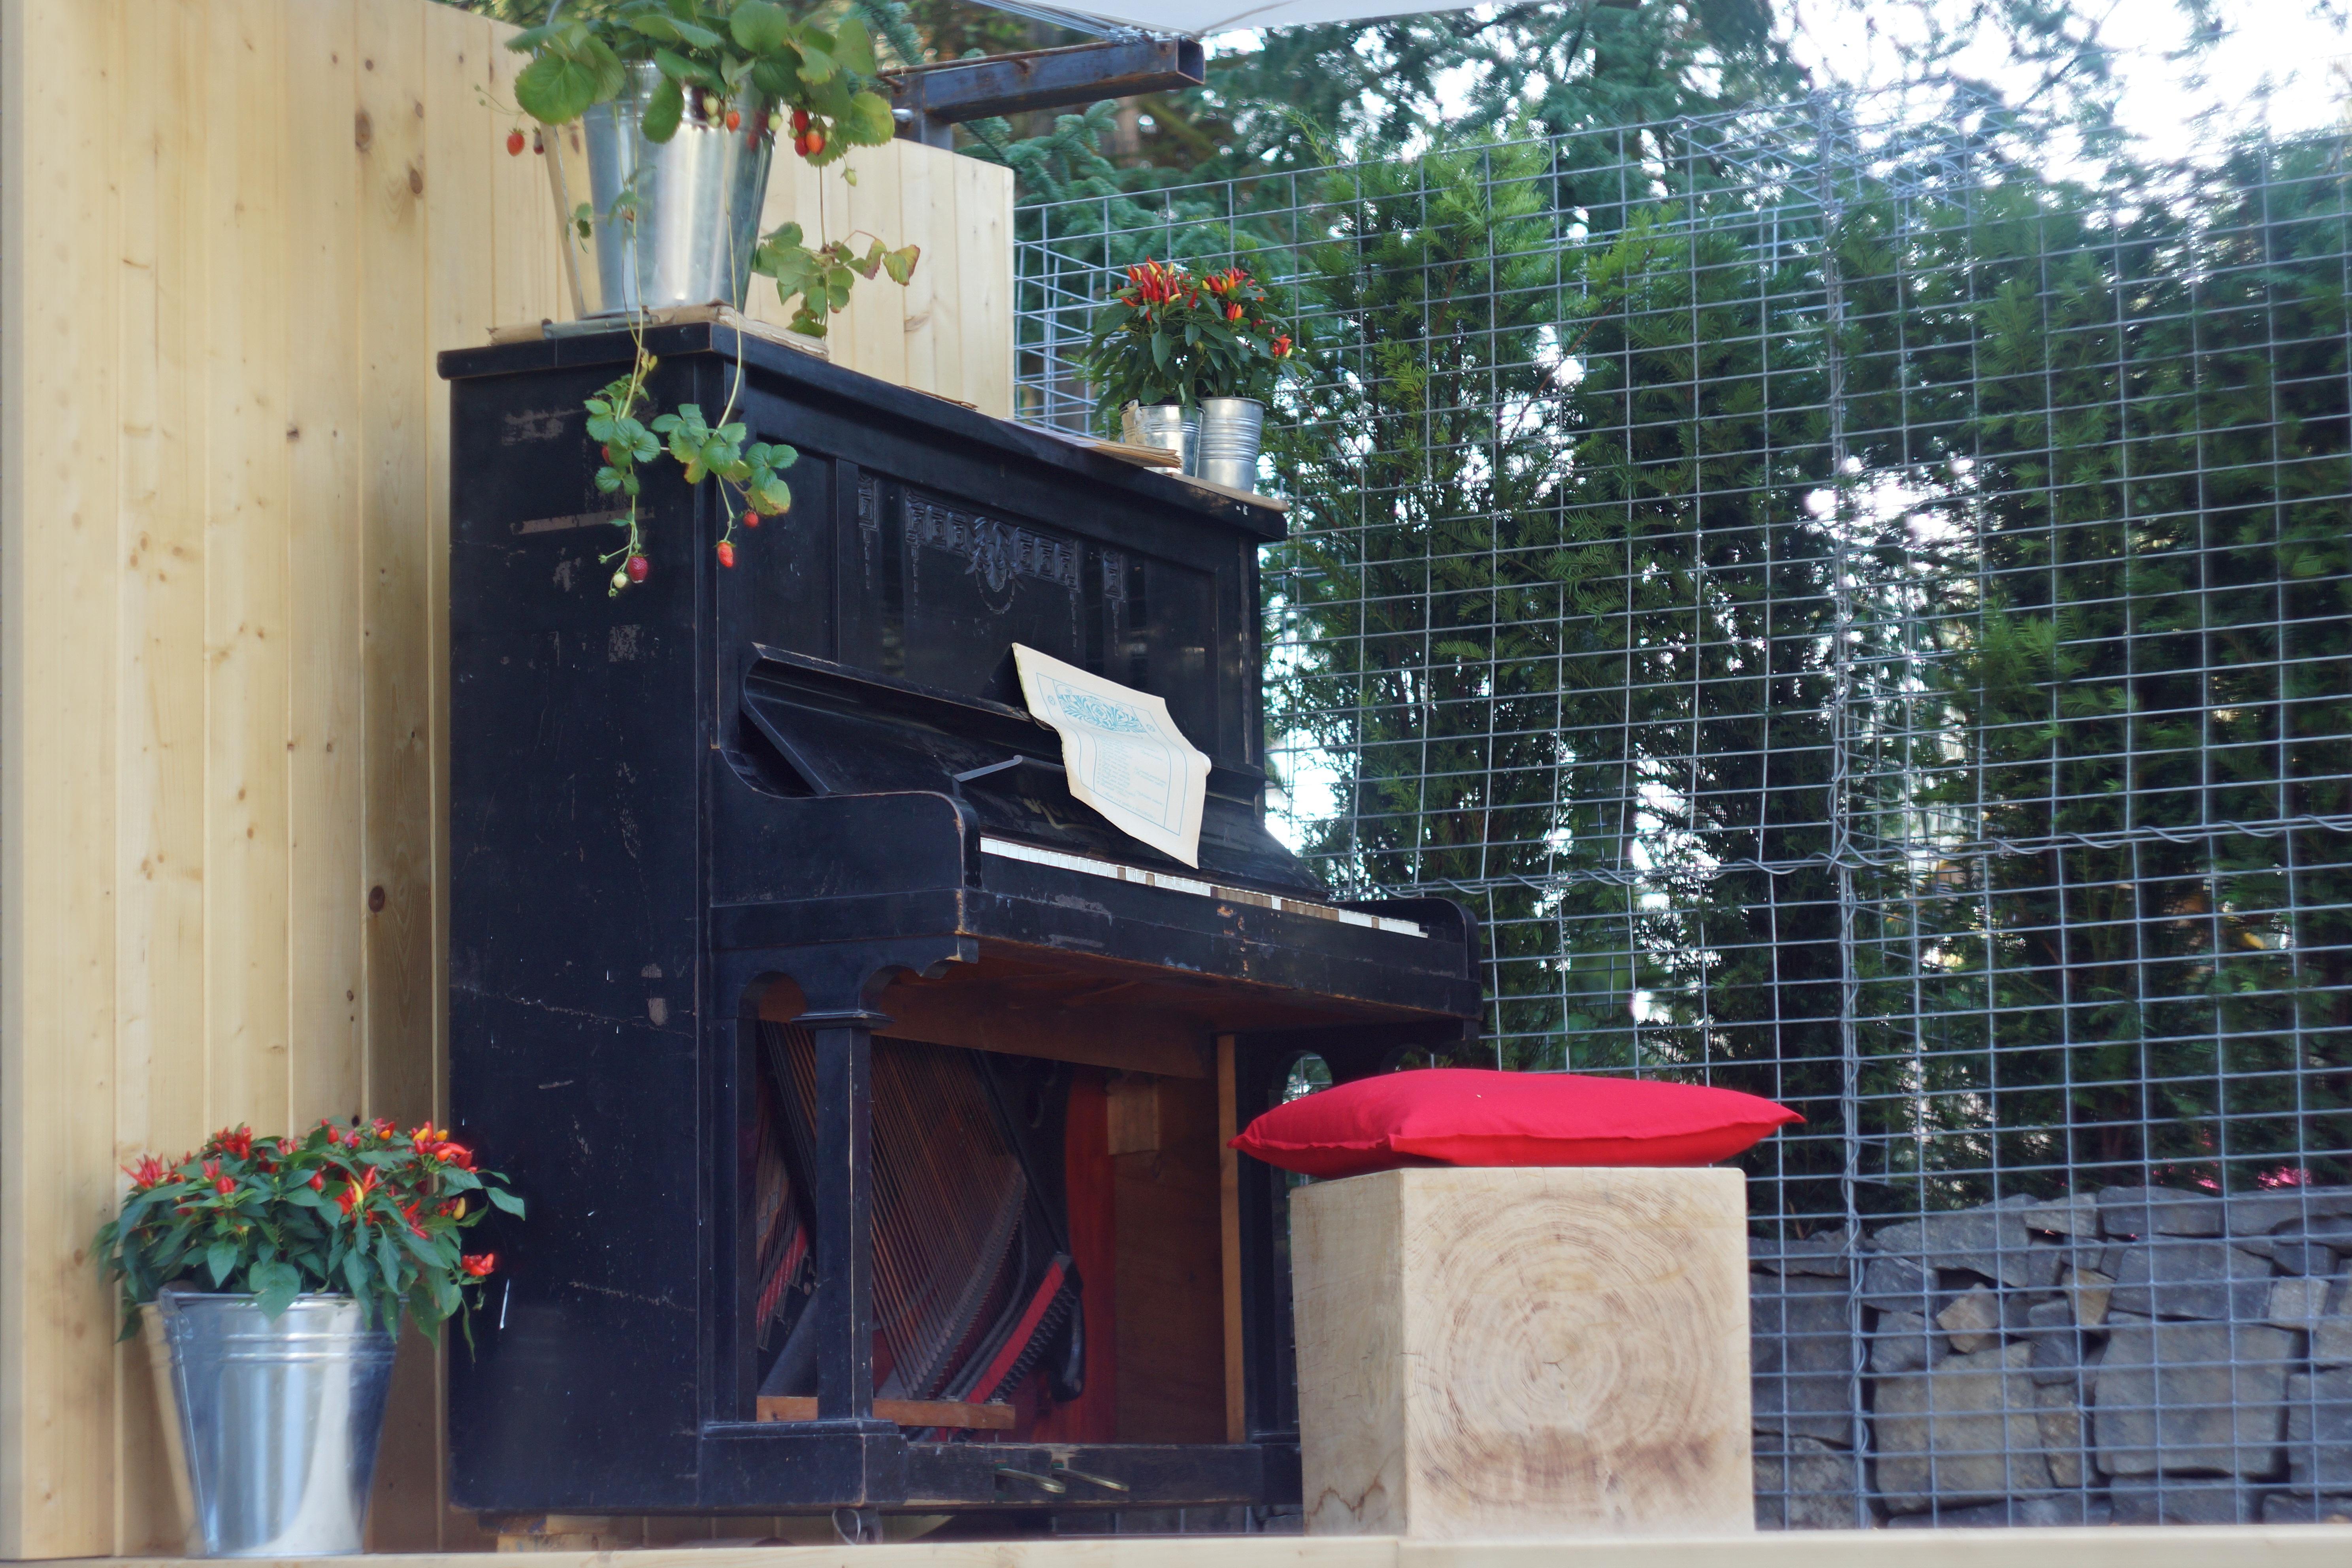 Holz Haus Zuhause Mauer Erholung Dekoration Klavier Fassade Garten Ecke  Inspiration Außenstruktur